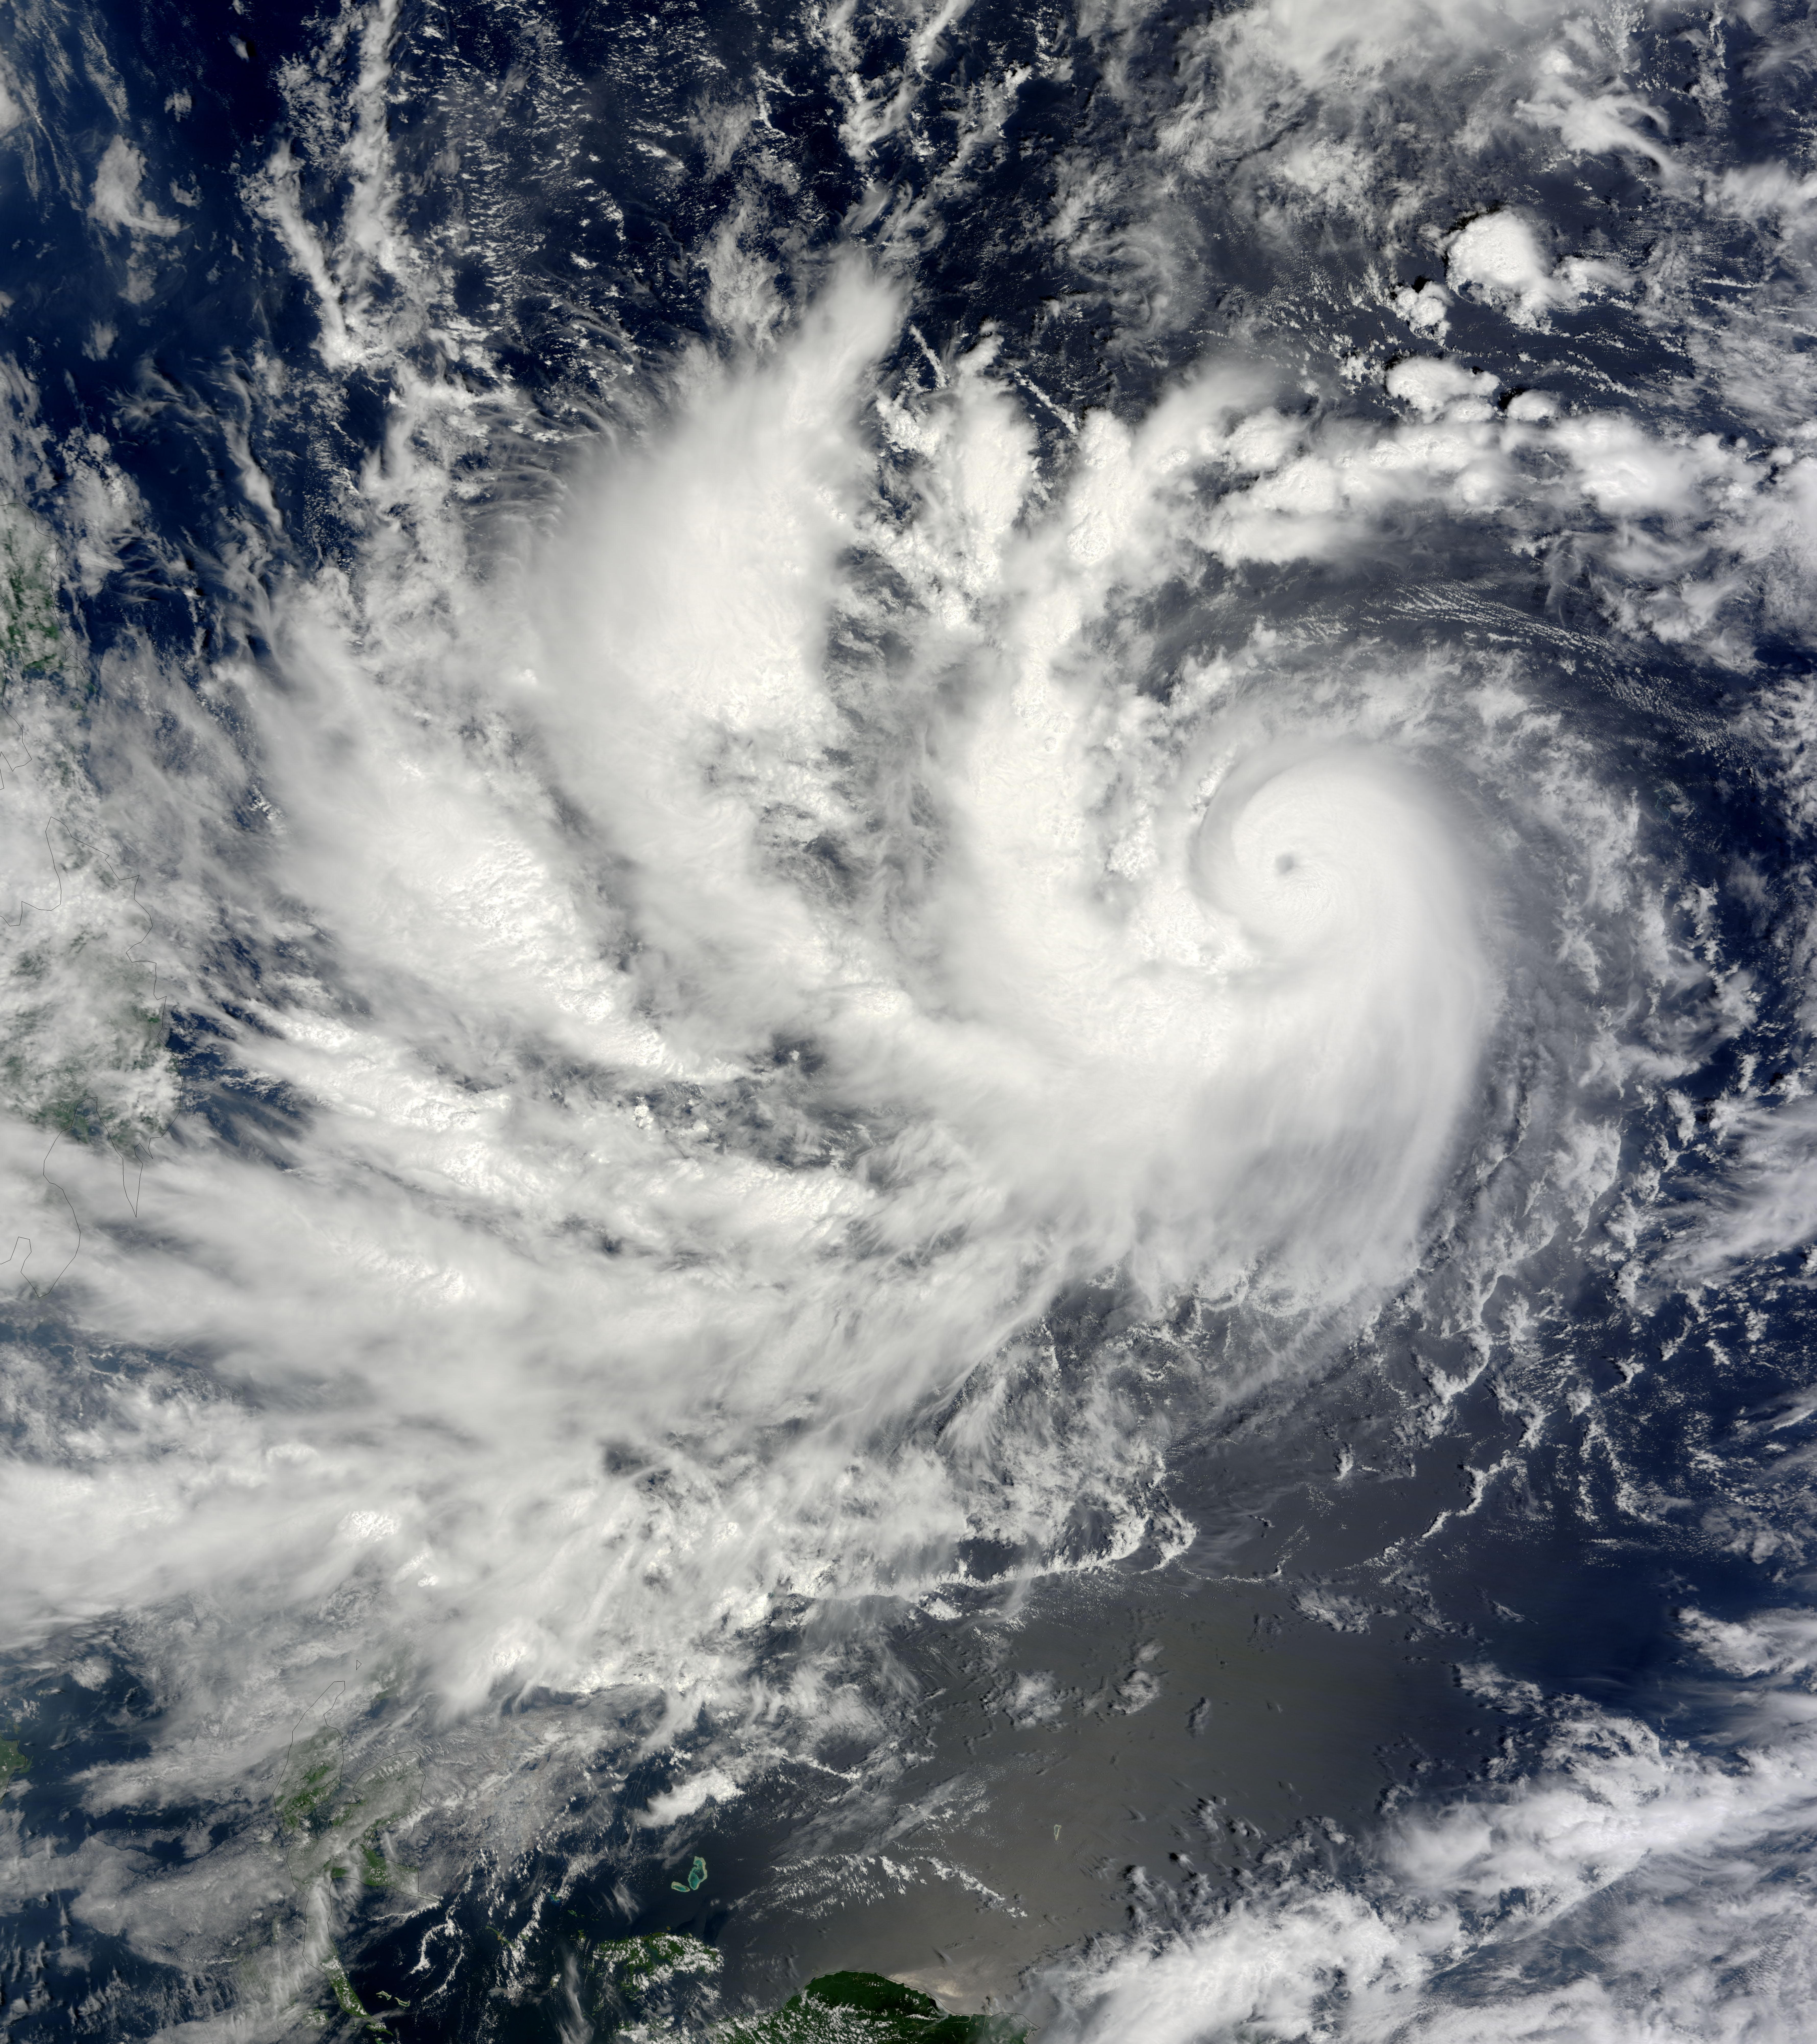 平成21年台風第17号 - Wikipedia